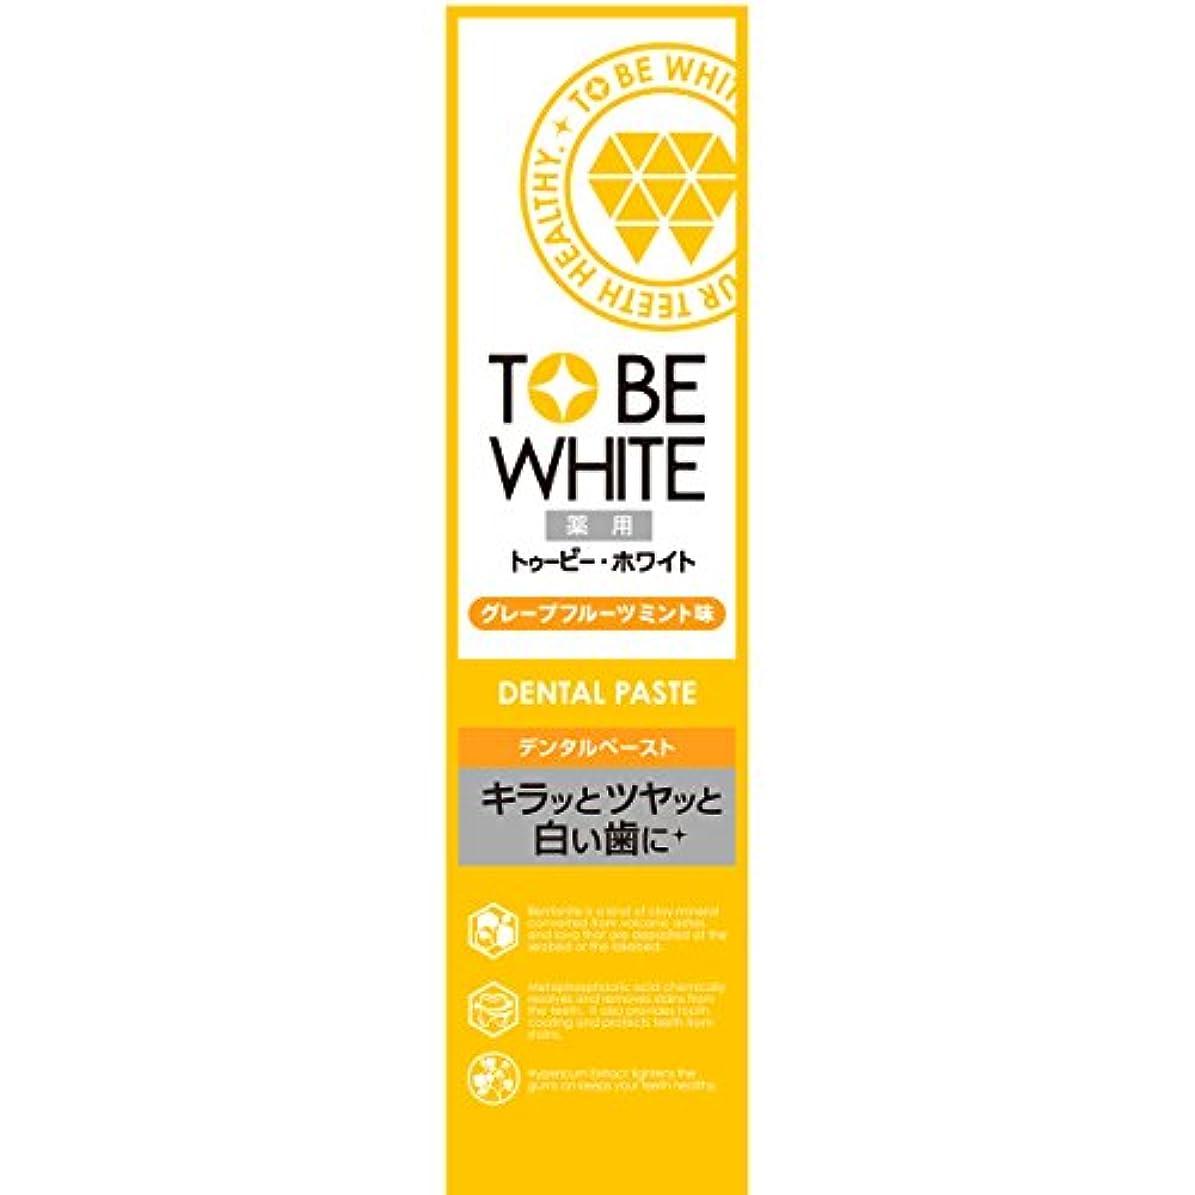 同盟公園振るうトゥービー?ホワイト 薬用 ホワイトニング ハミガキ粉 グレープフルーツミント 味 60g 【医薬部外品】